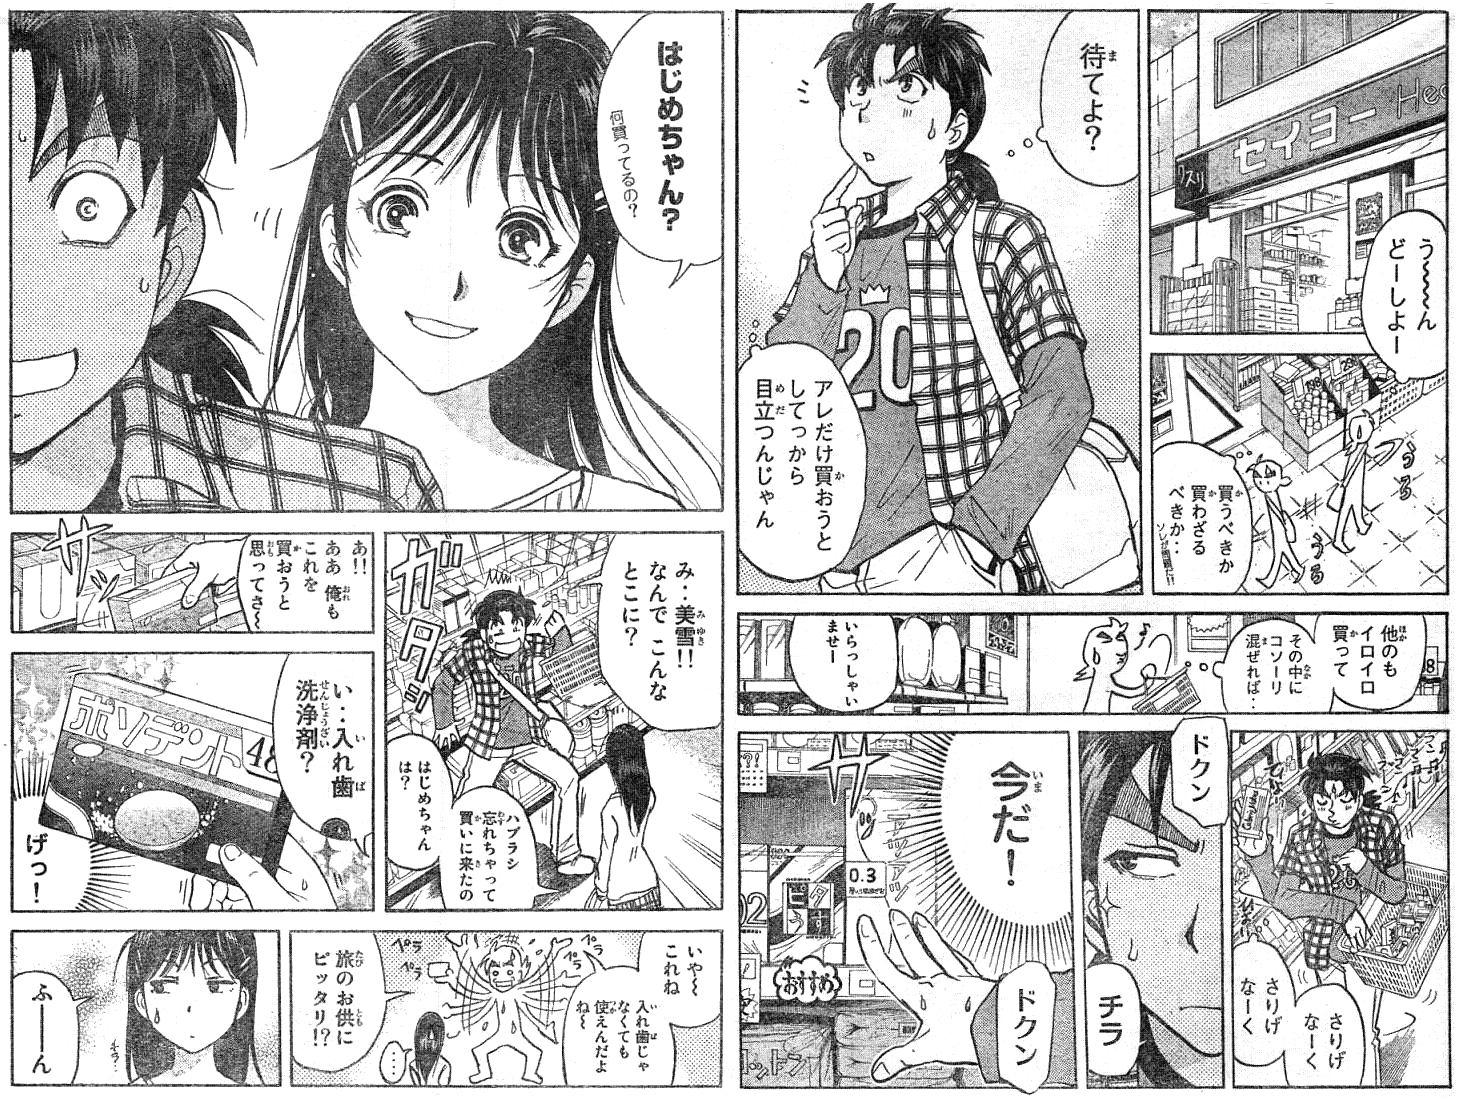 긴다이치 소년의 사건부 만화 그림체에 대한 얘기